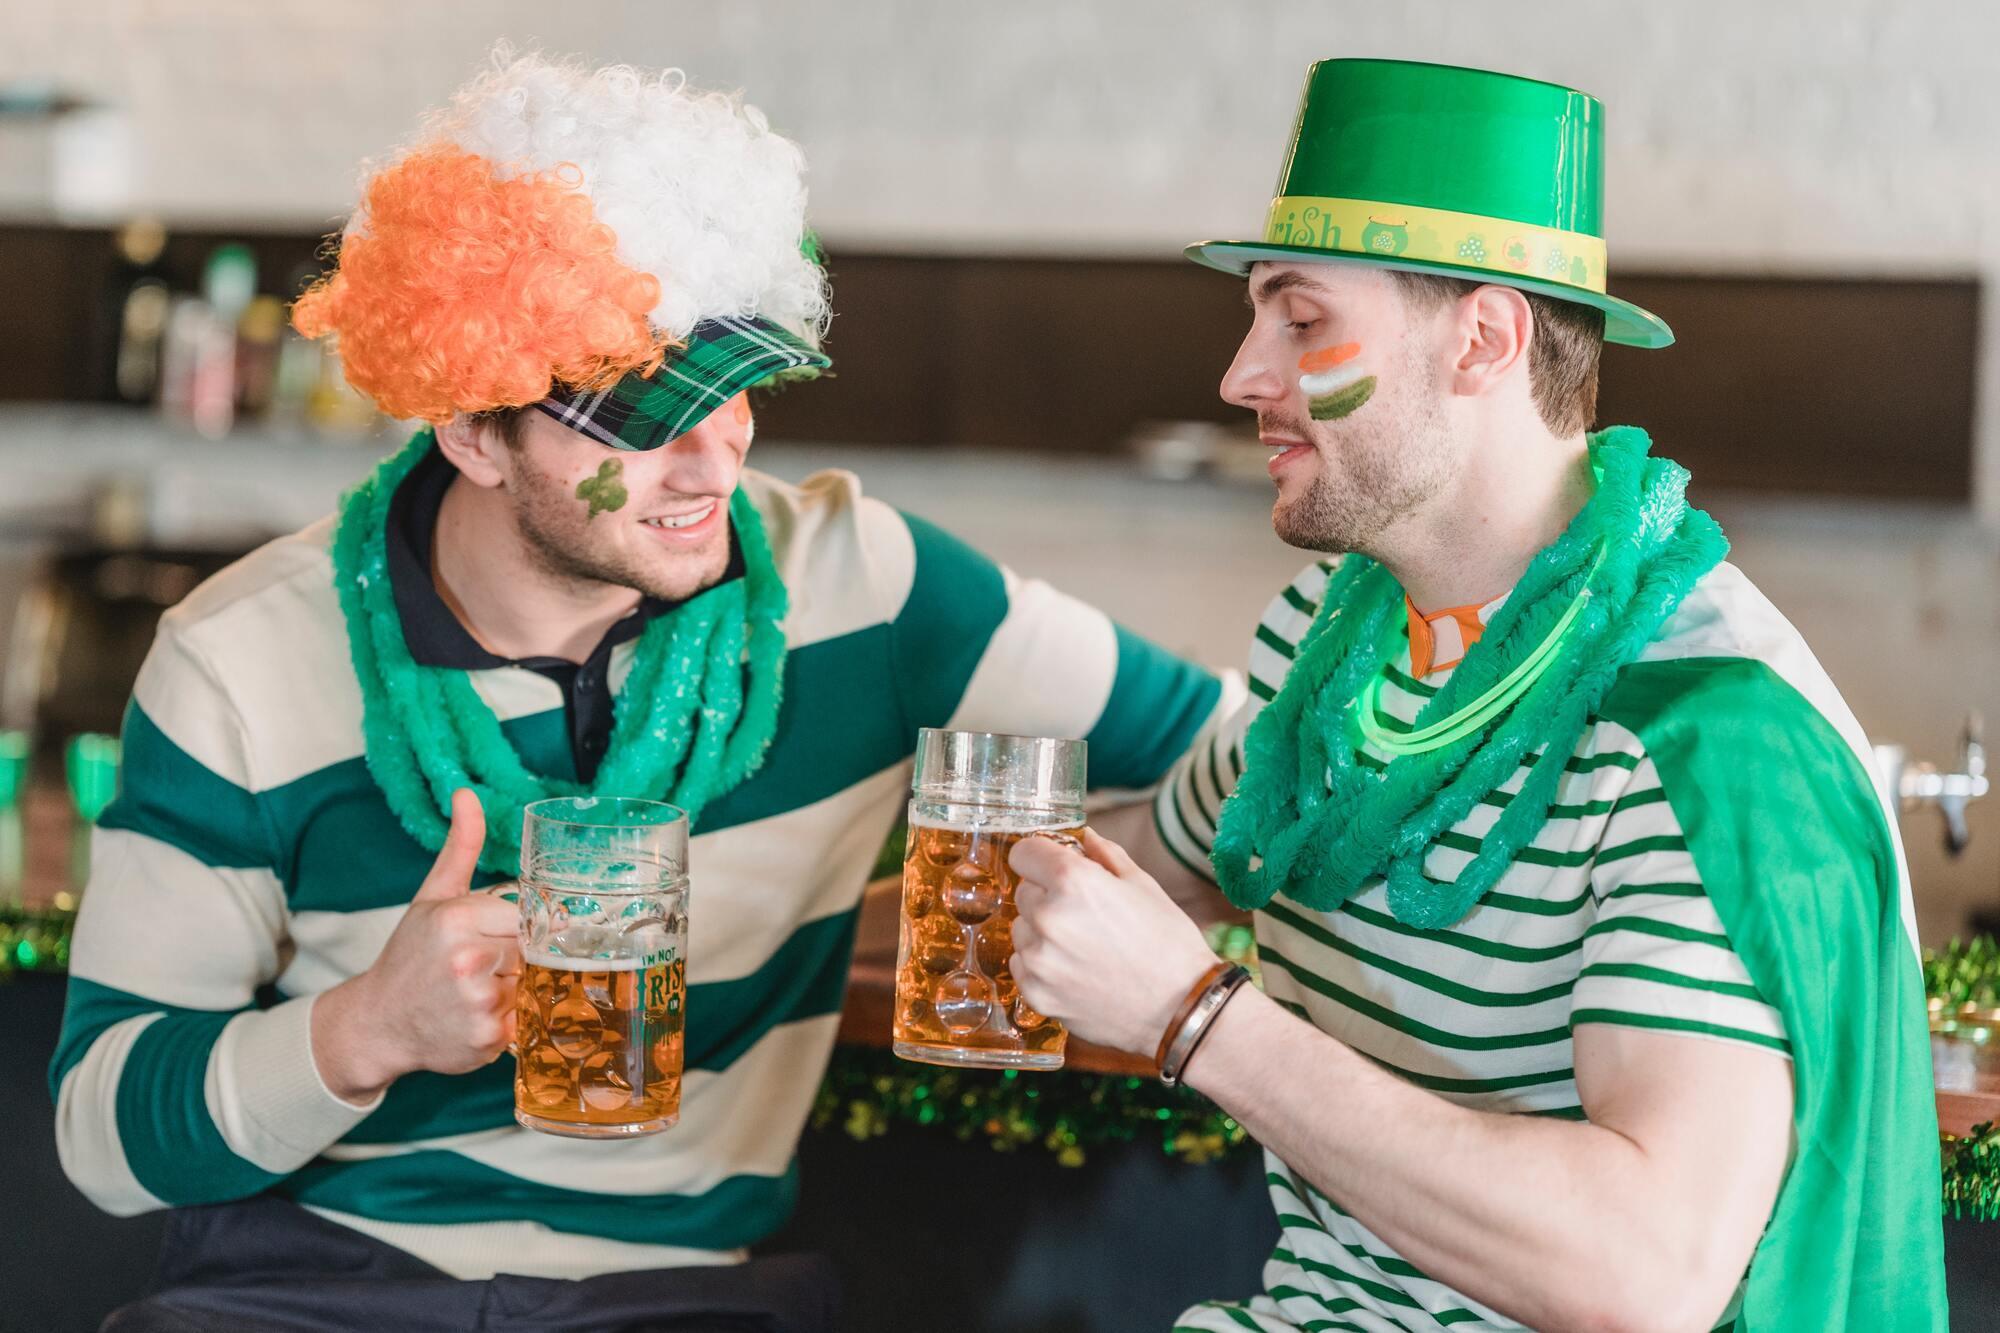 На честь святого Патрика заведено влаштовувати фестивалі, паради і пити пиво